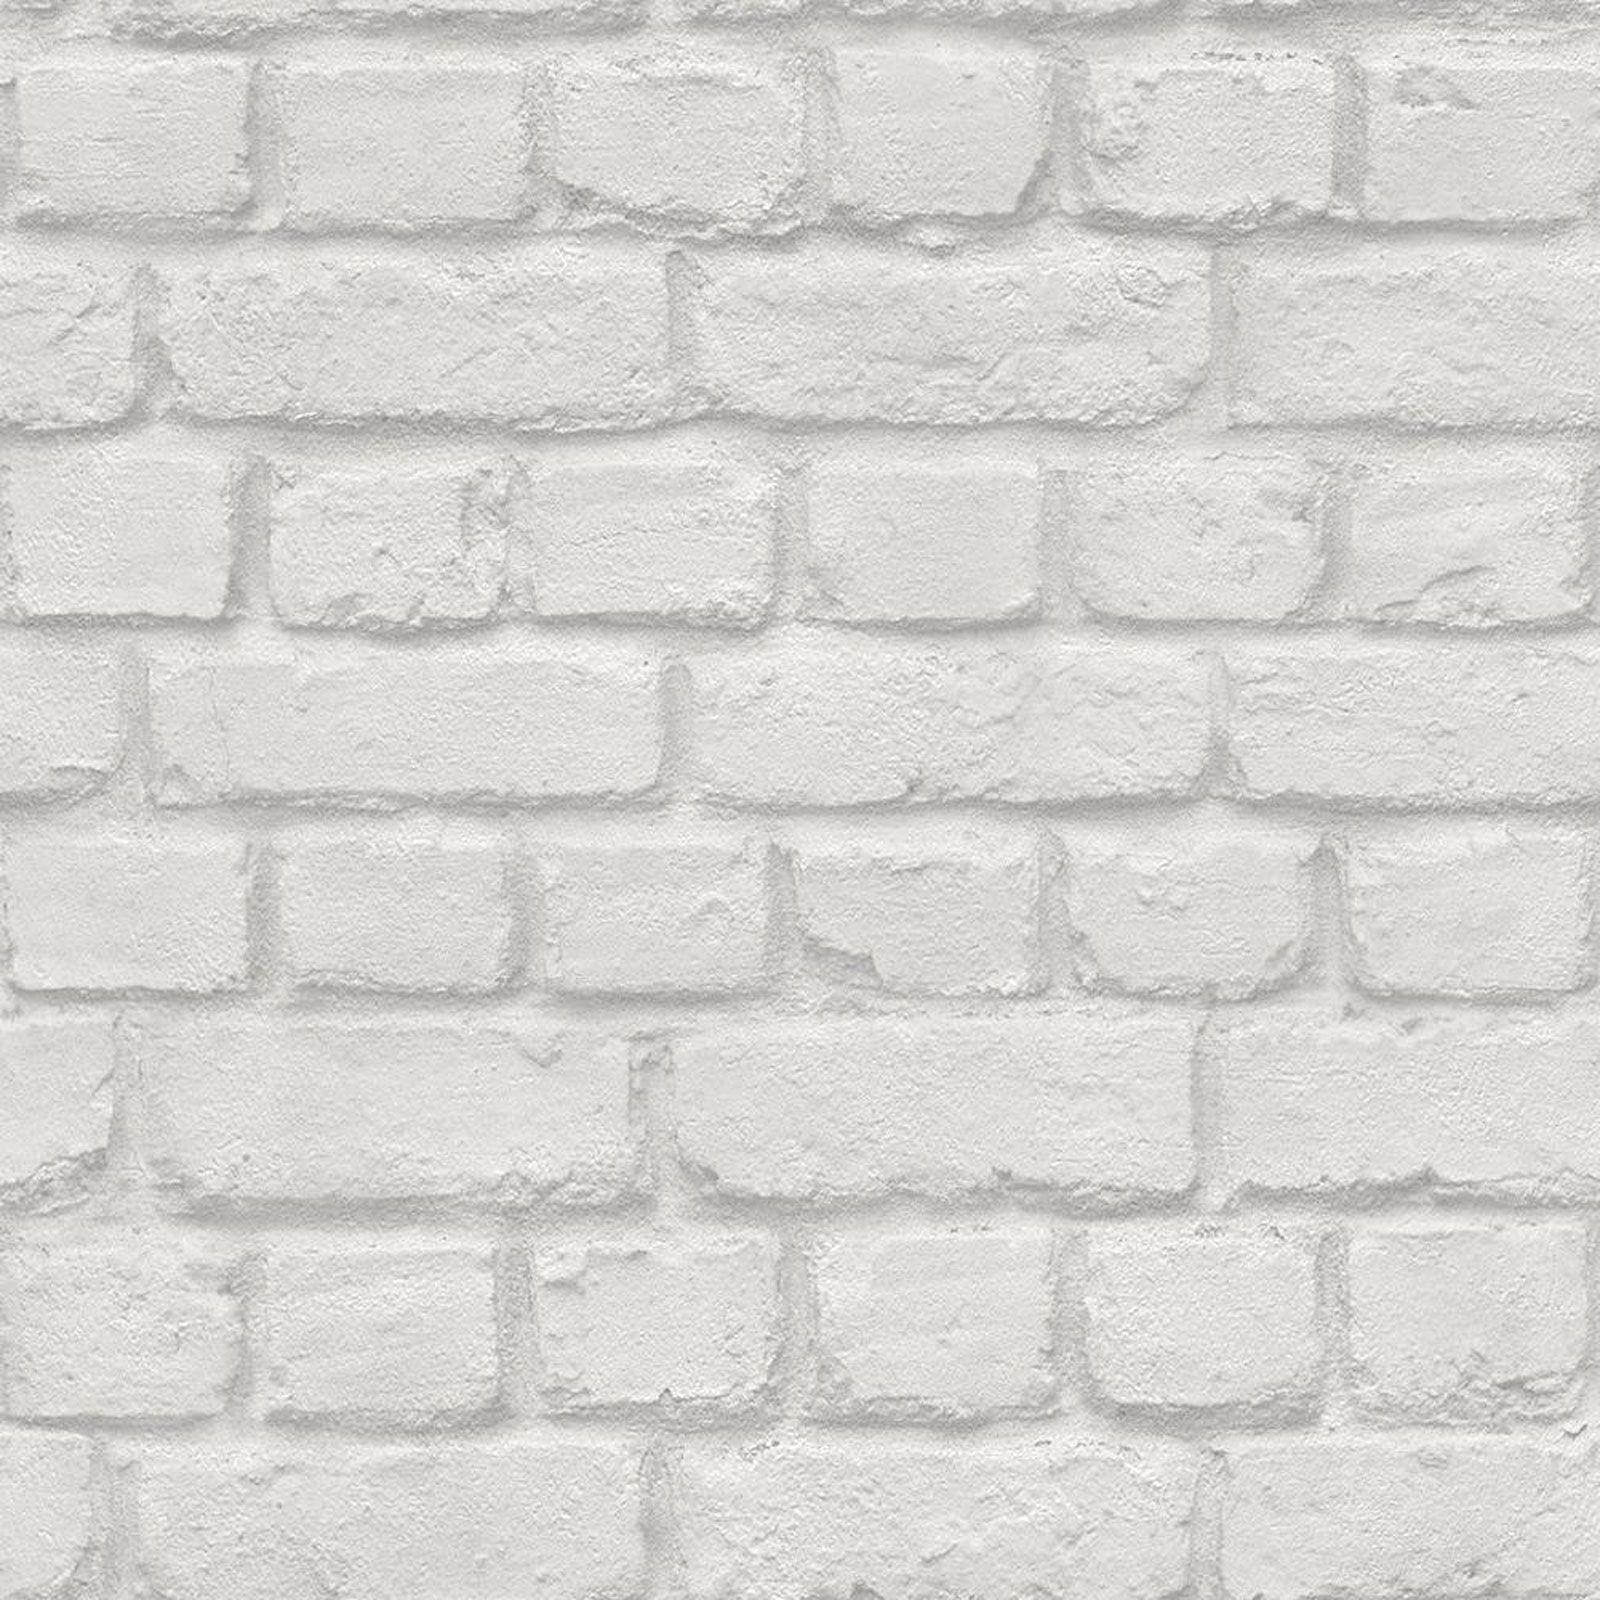 Ladrillo pizarra efecto de piedra papel pintado r stico - Papel pintado efecto piedra ...